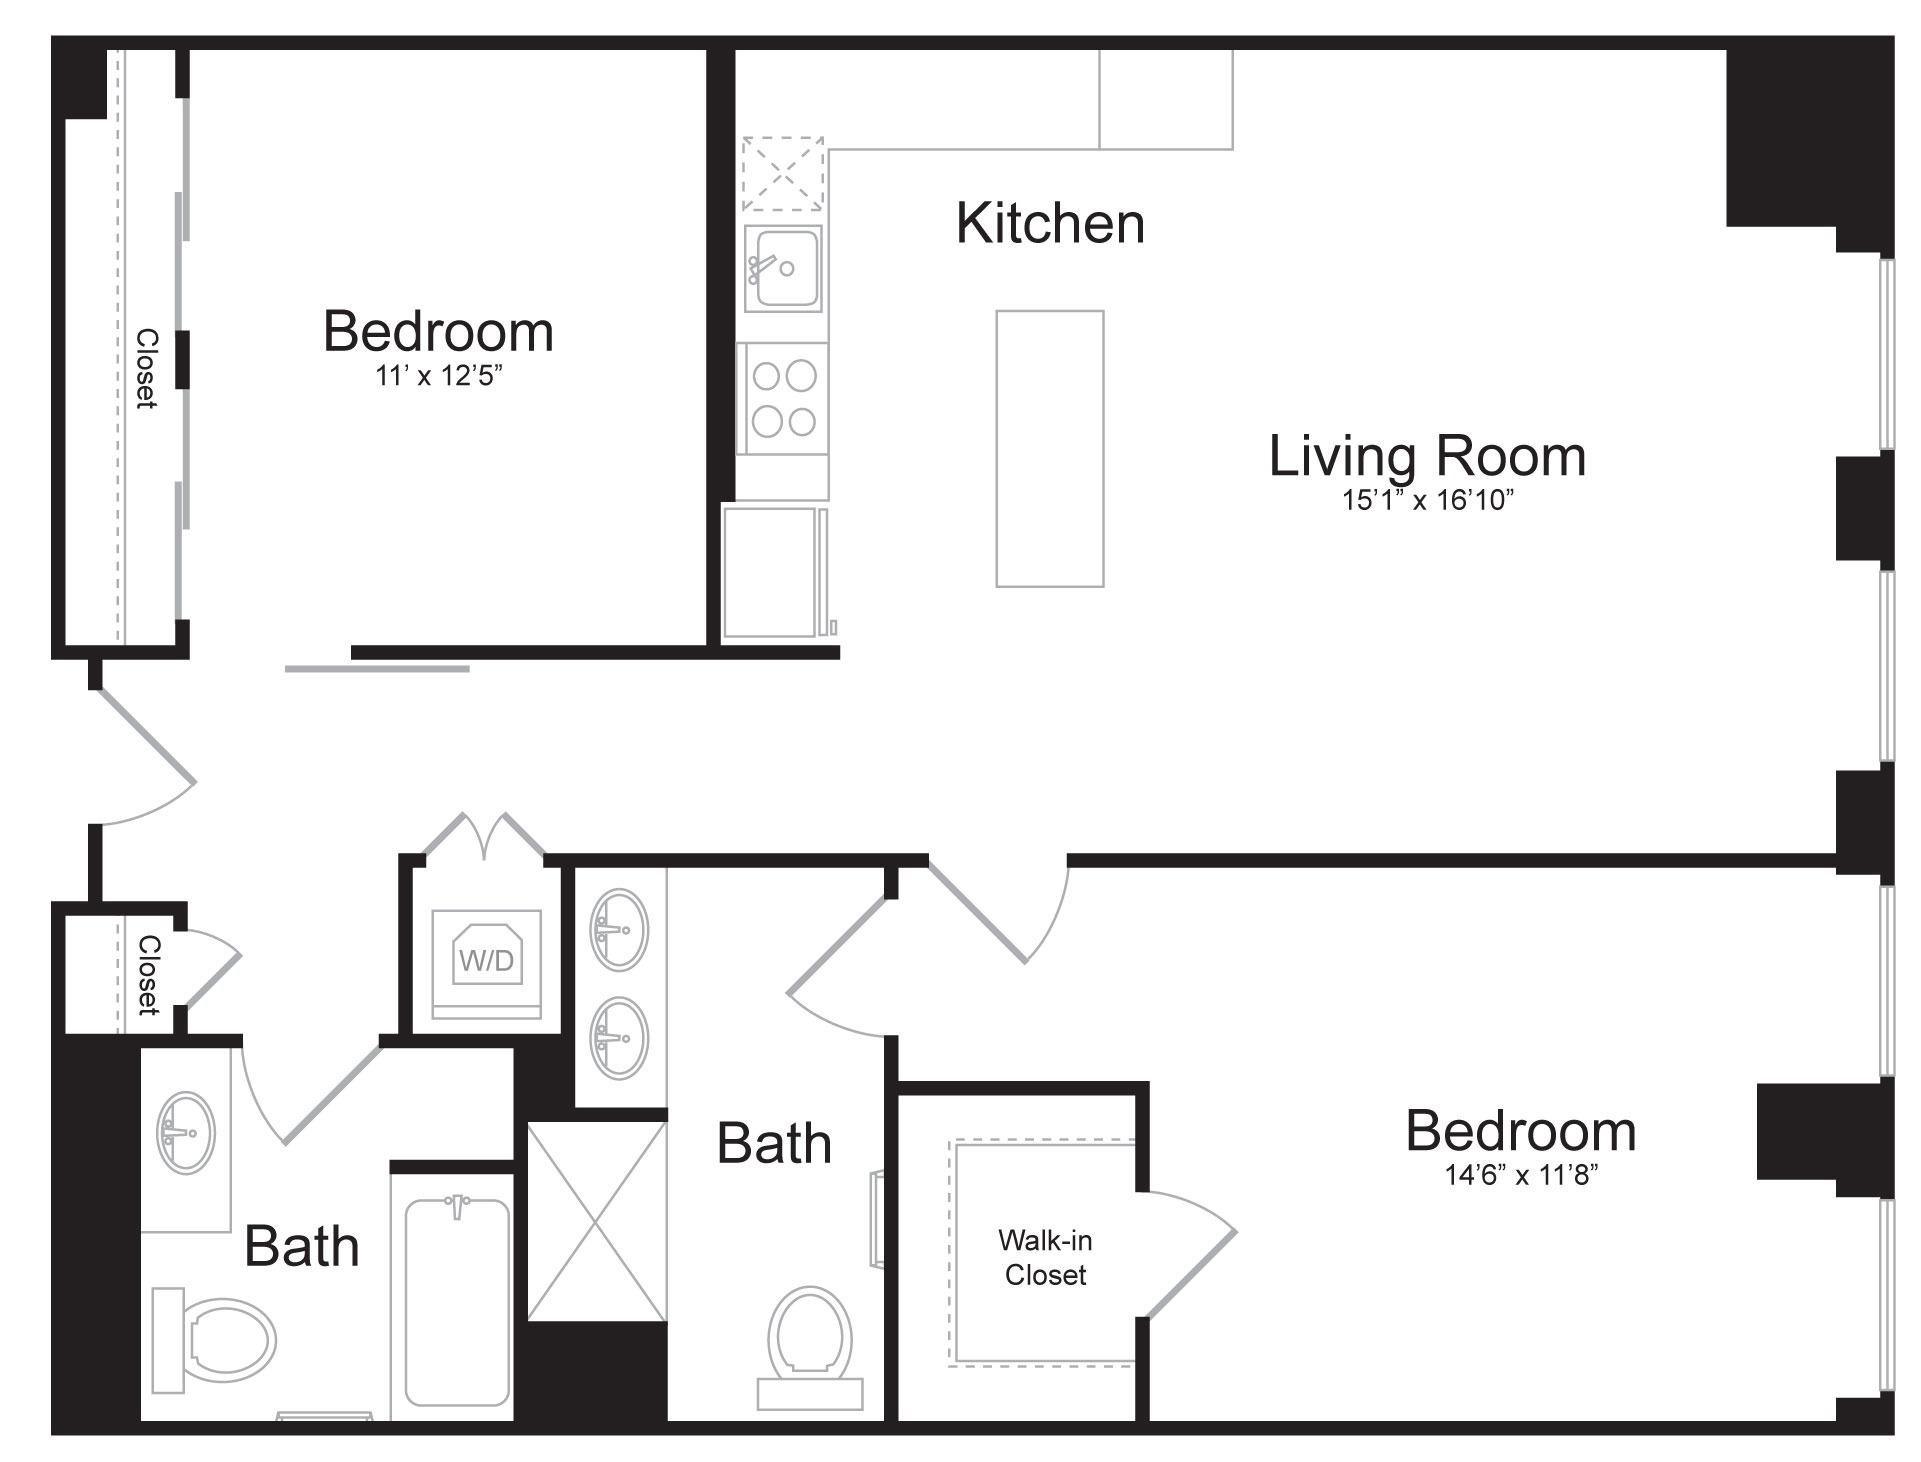 D1 - 2 Bed 2 Bath - 1,117 SF